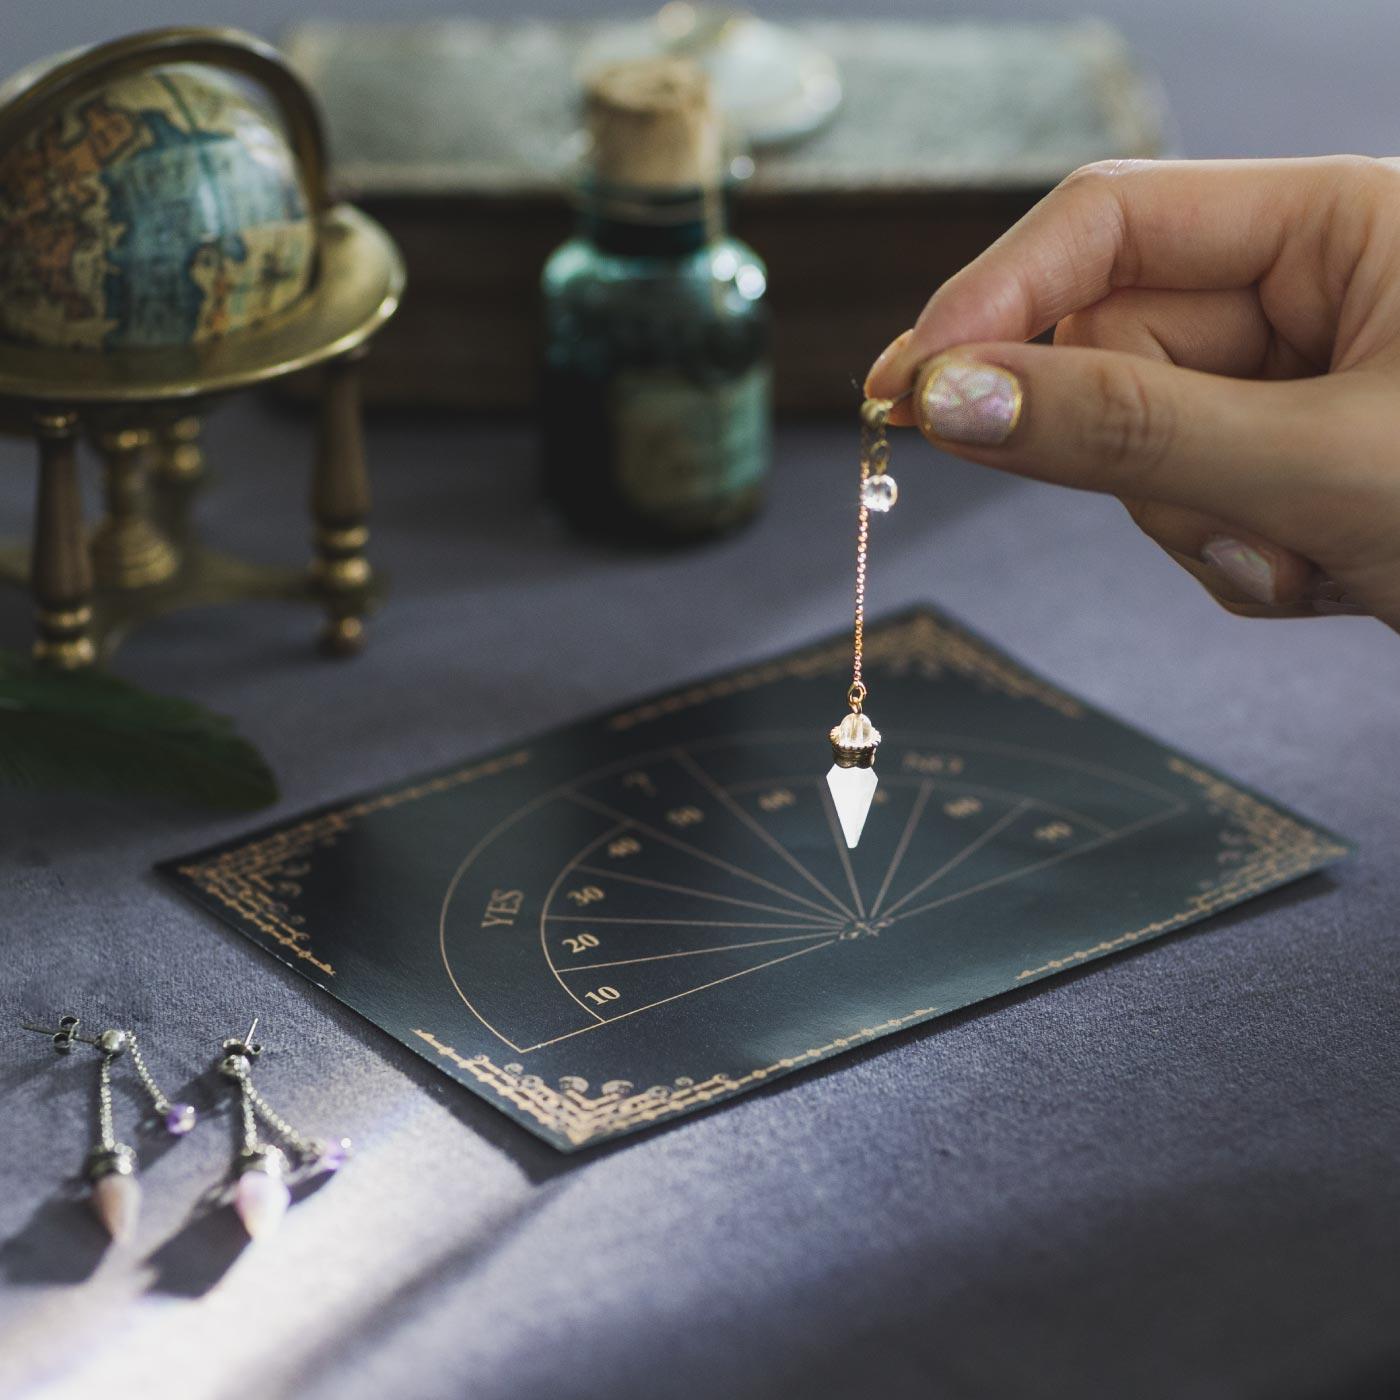 魔法部|魔法部運命切り開く 占いペンデュラムイヤアクセ〈クリスタル〉(ピアス&イヤリング)|運命を占うイヤアクセです。